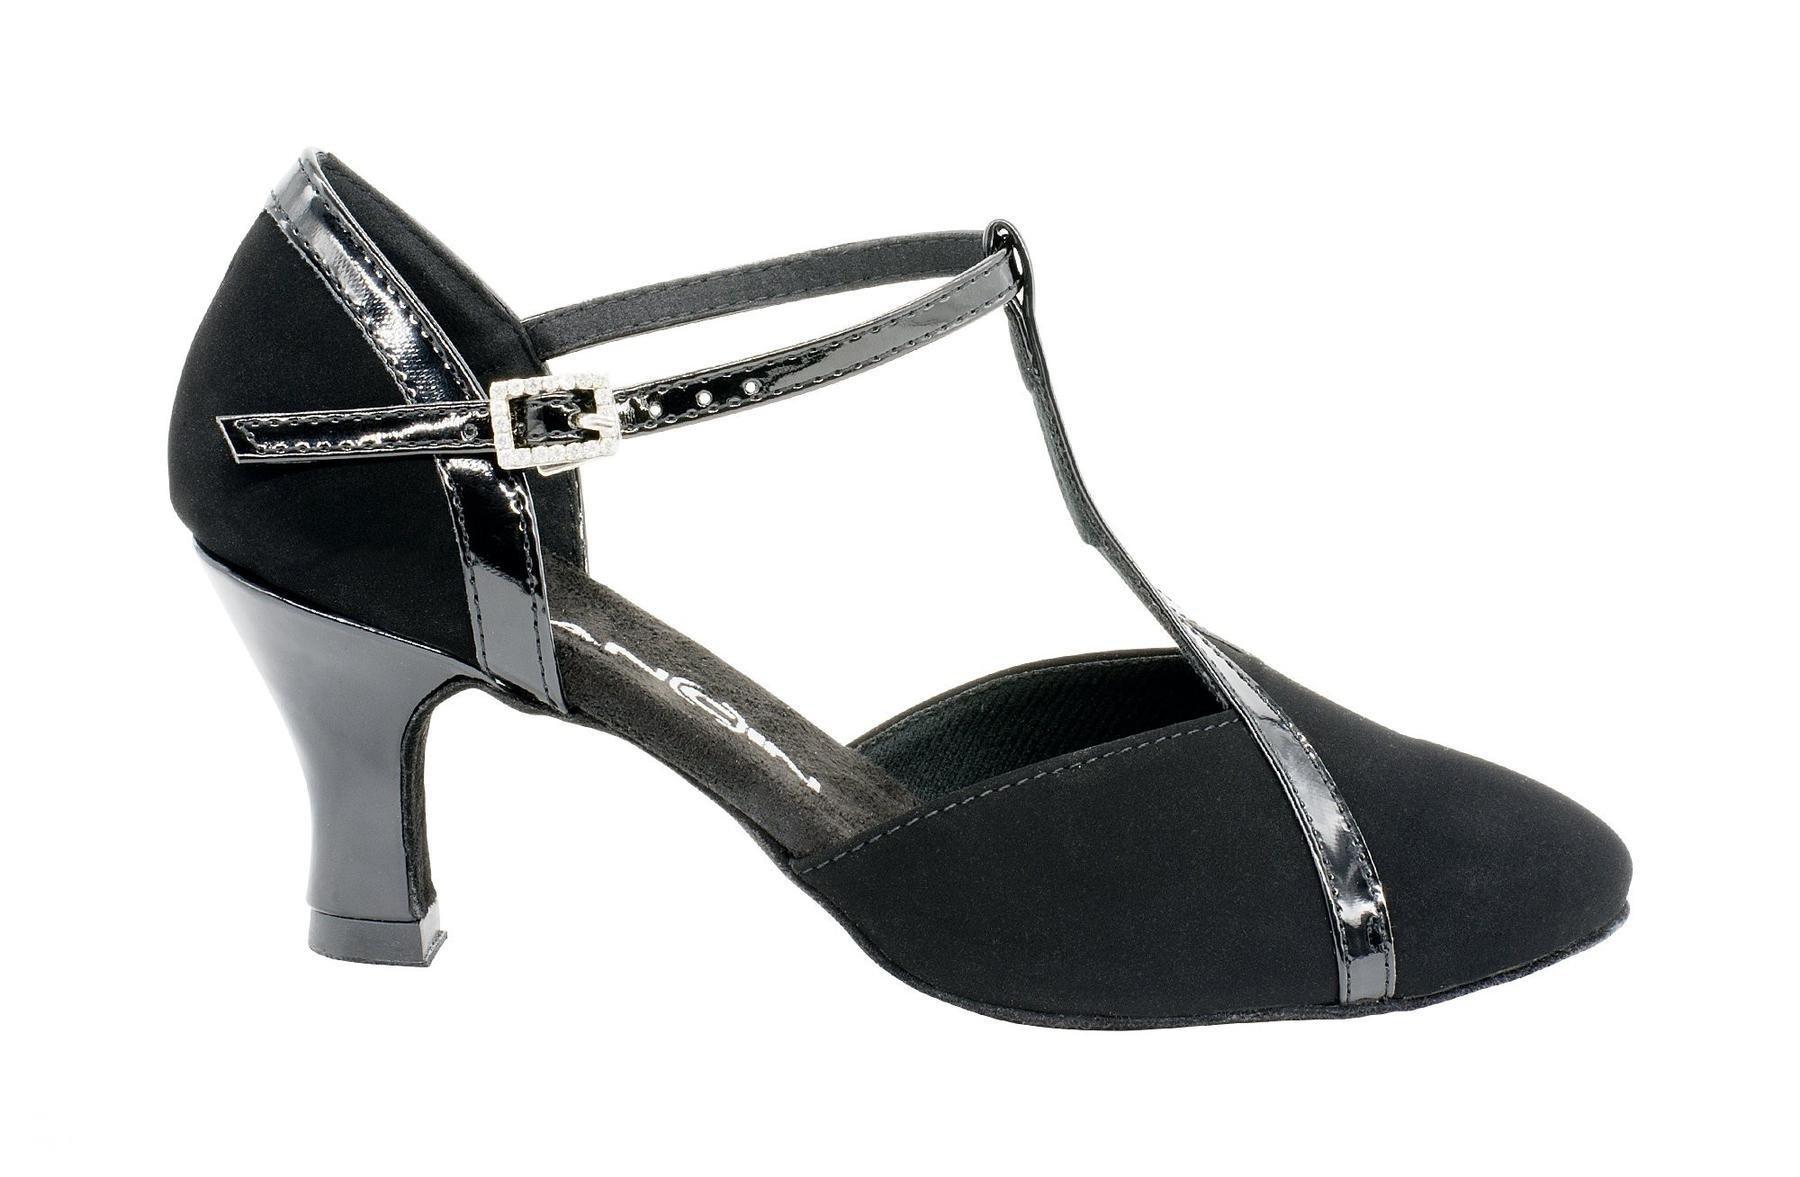 Dancin Scarpe da ballo punta chiusa in nabuck nero e vernice nera tacco 5,5 cm